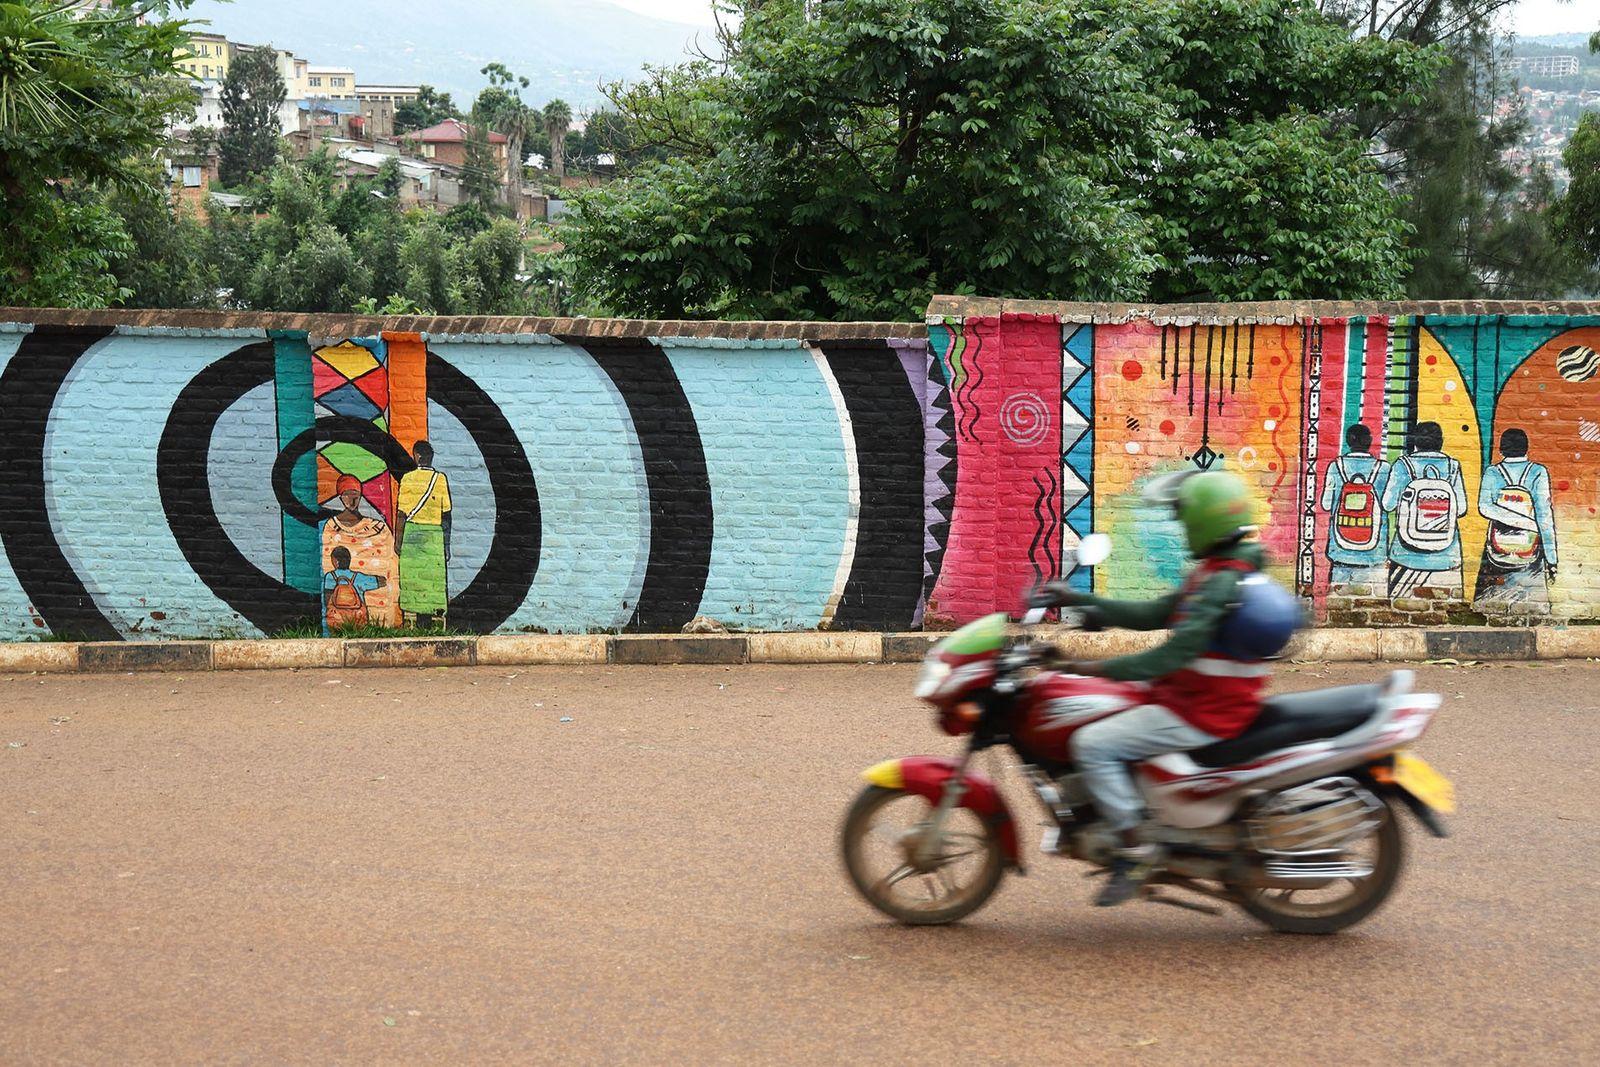 Kigali: how creativity has transformed the Rwandan capital